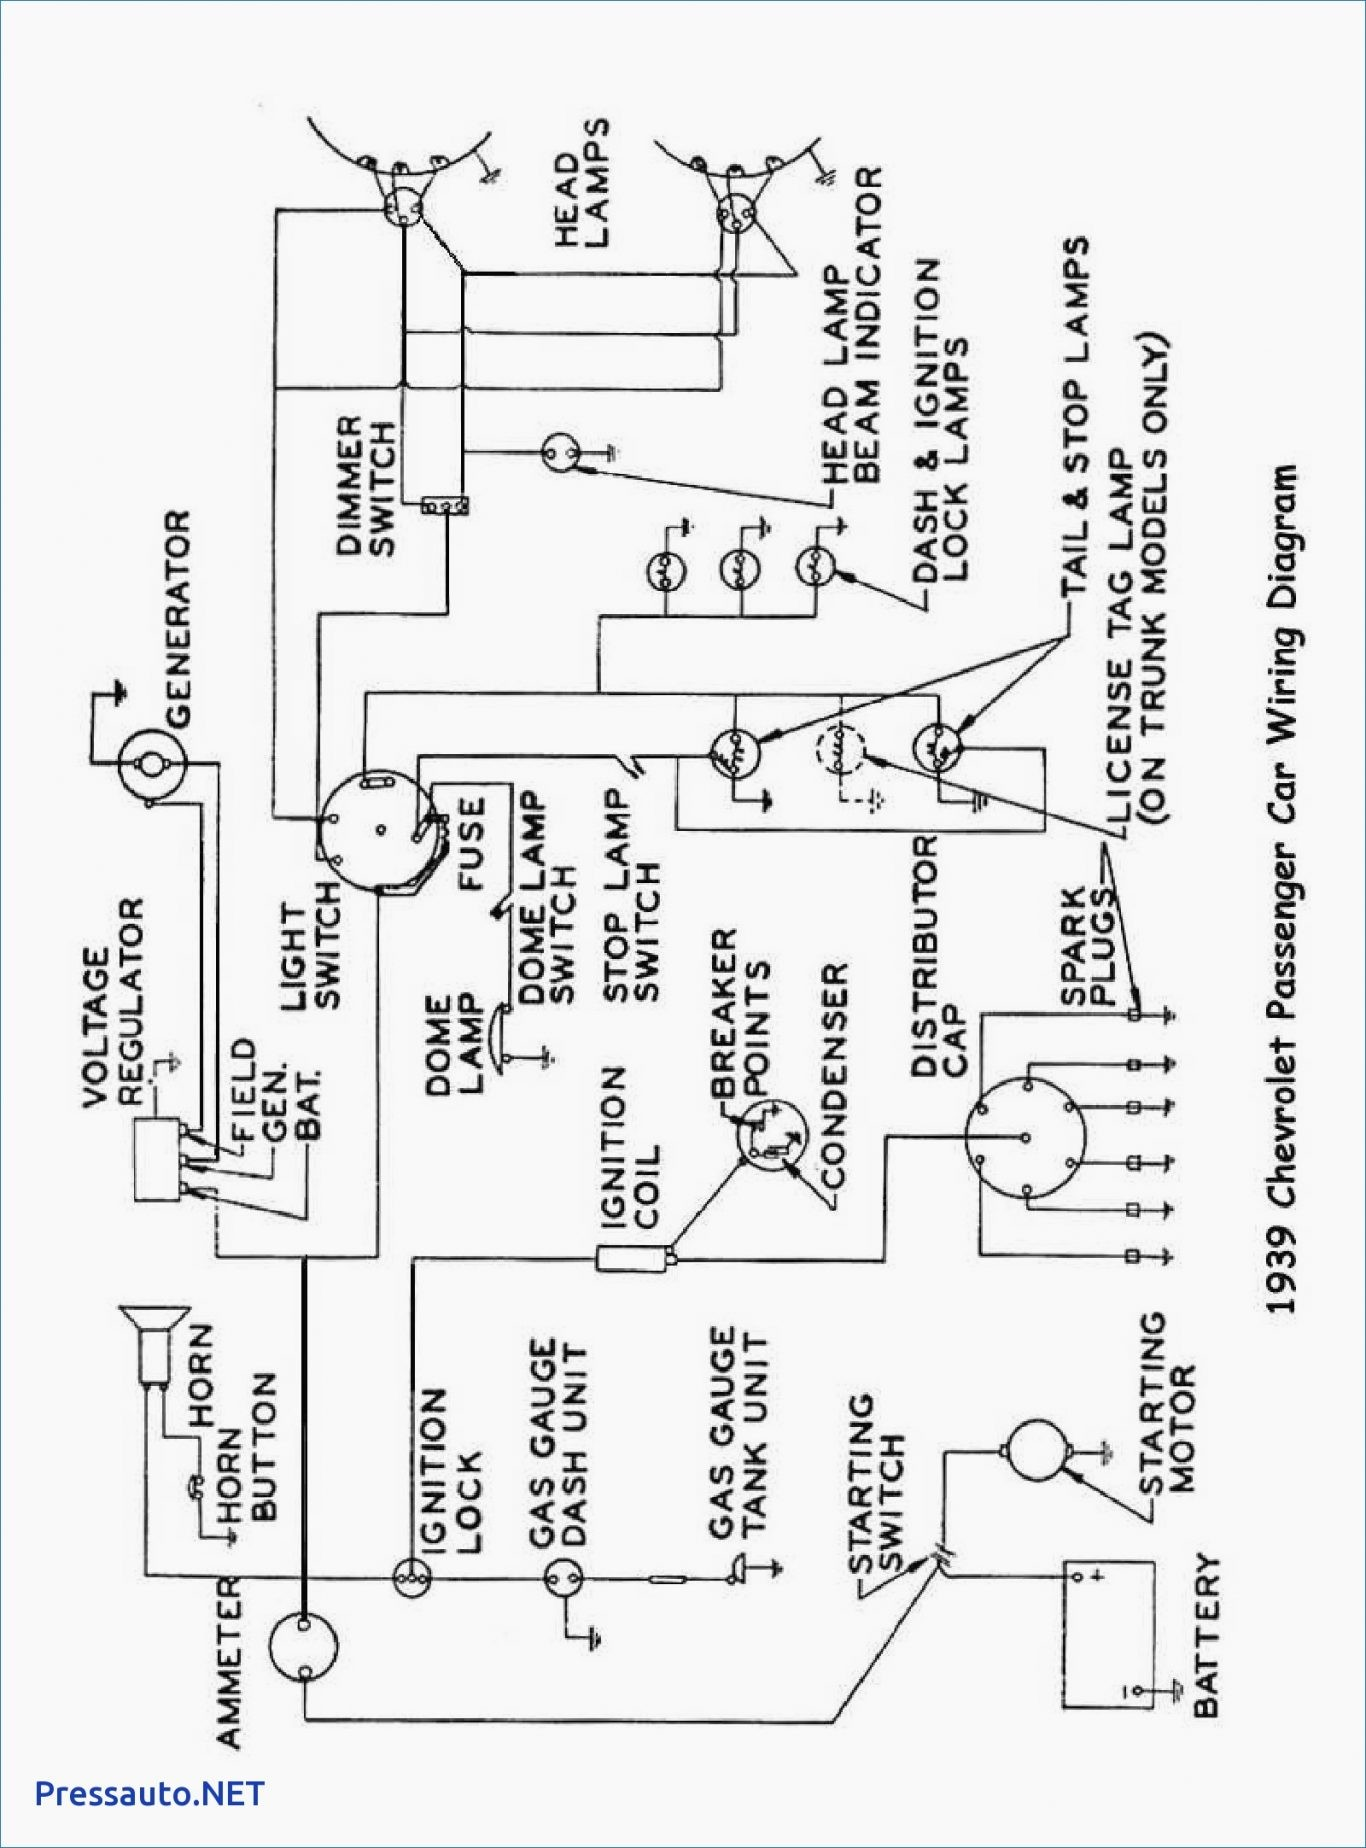 way light wiring diagram 1 get free image about wiring diagram